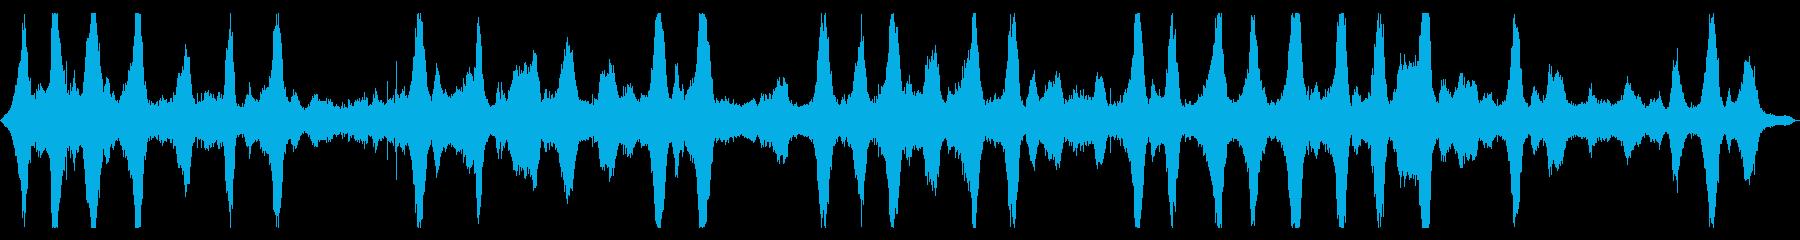 【環境音】波音01A#2(茅ヶ崎海岸)の再生済みの波形